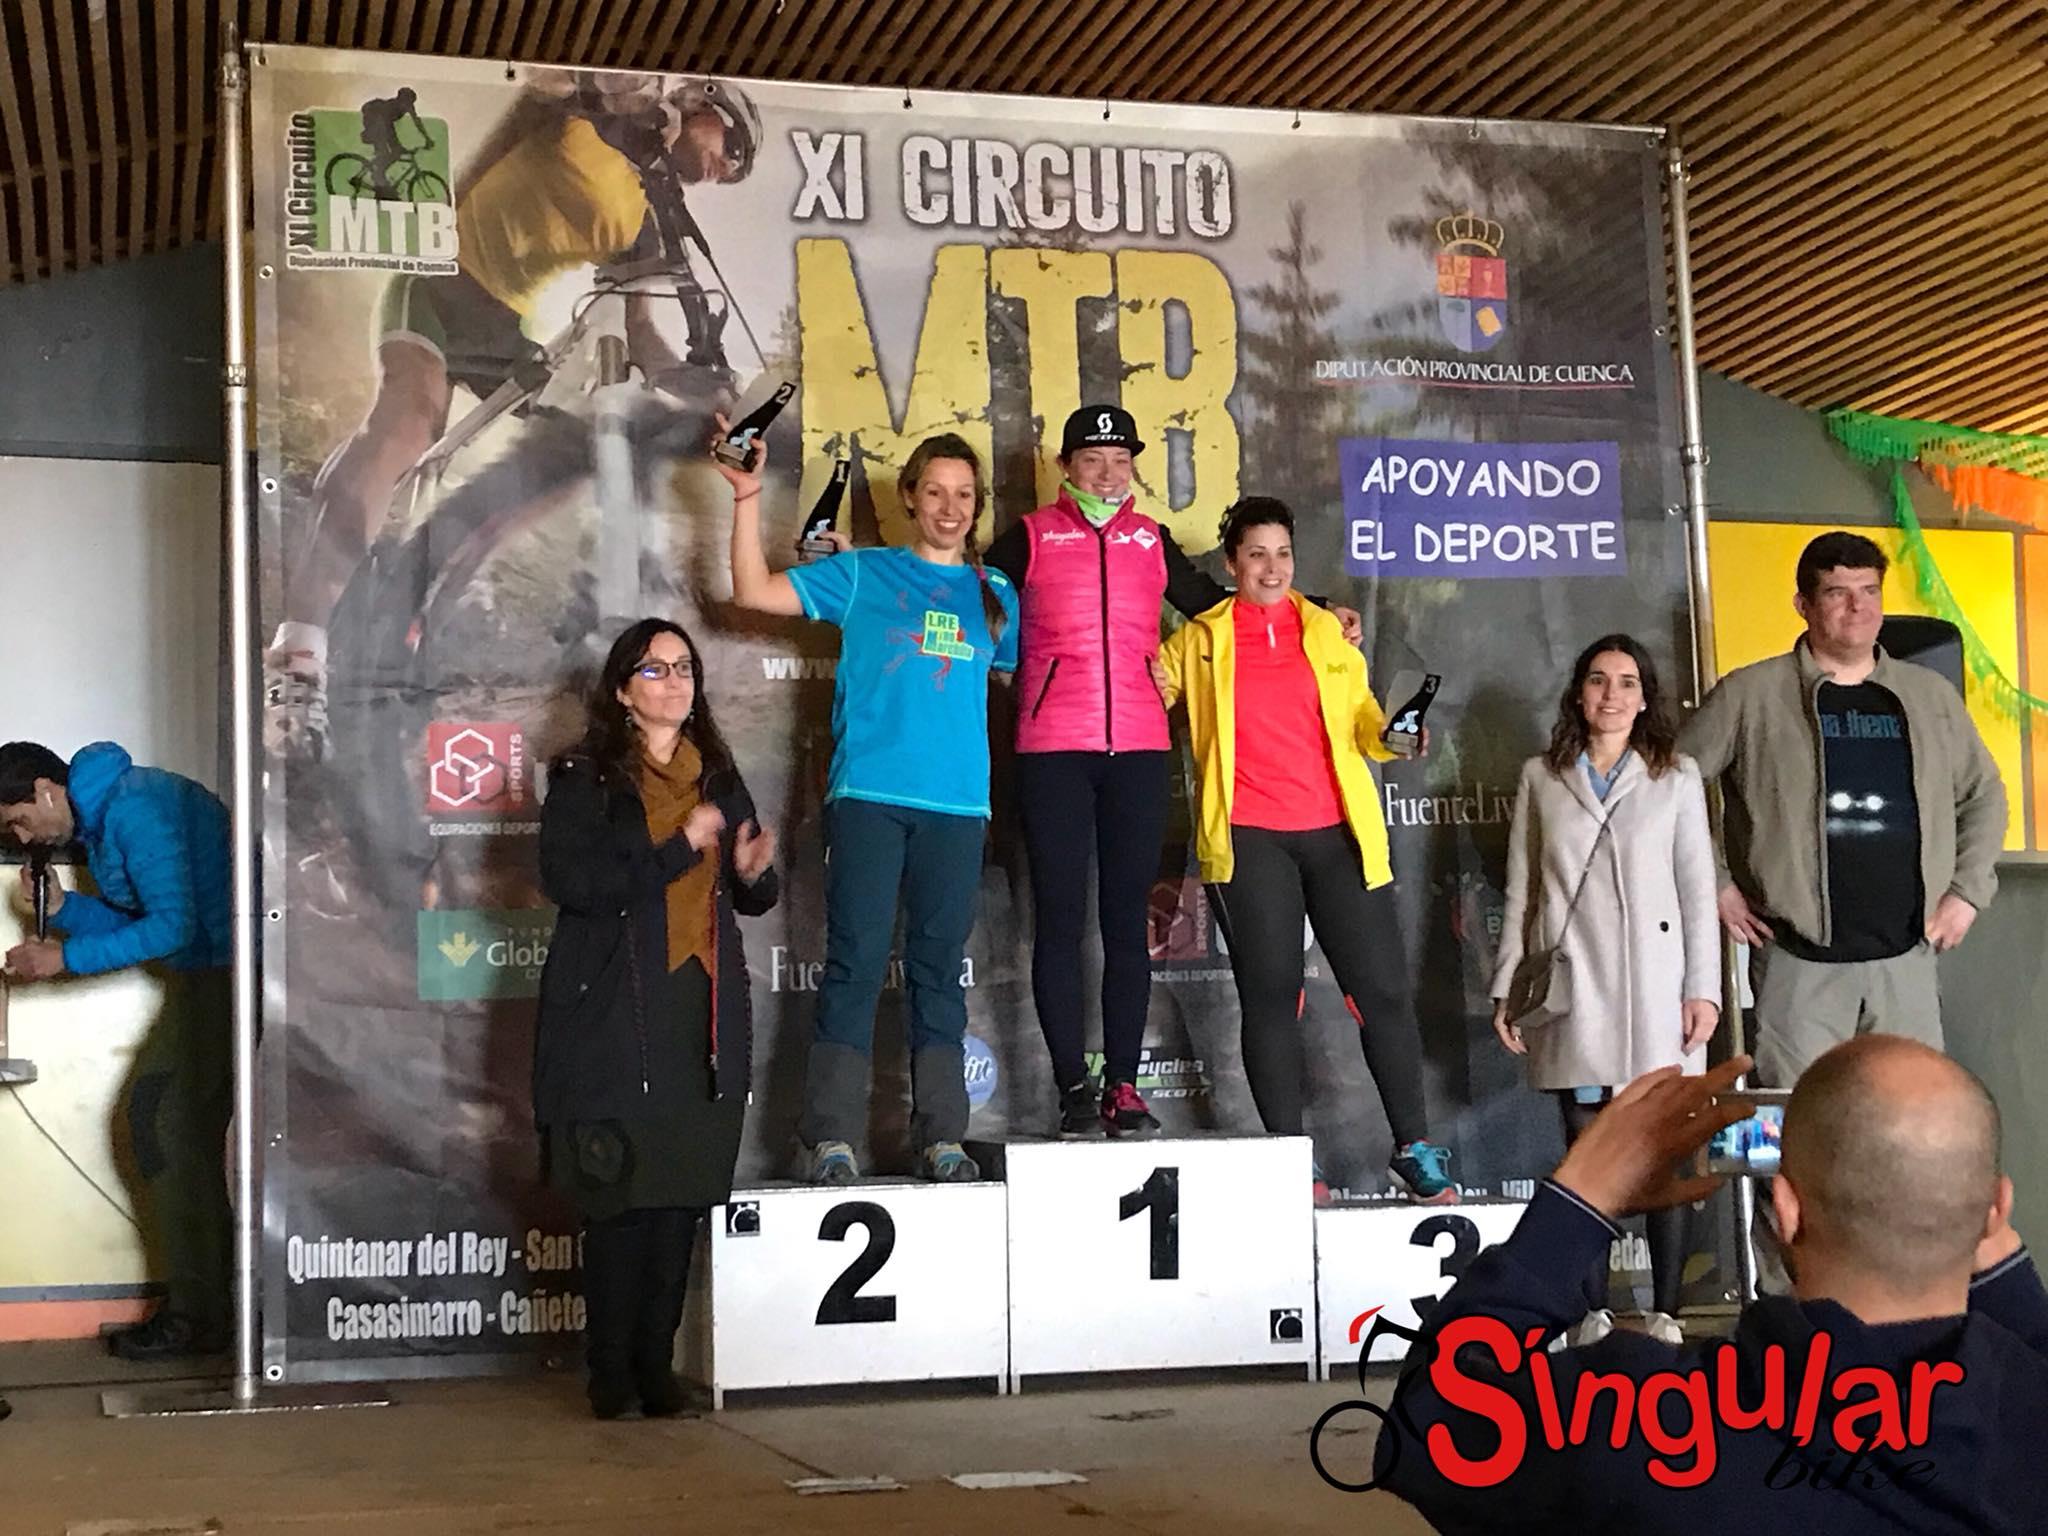 Circuito Quintanar Del Rey : Novedades para el xi circuito mtb de la diputación ser cuenca